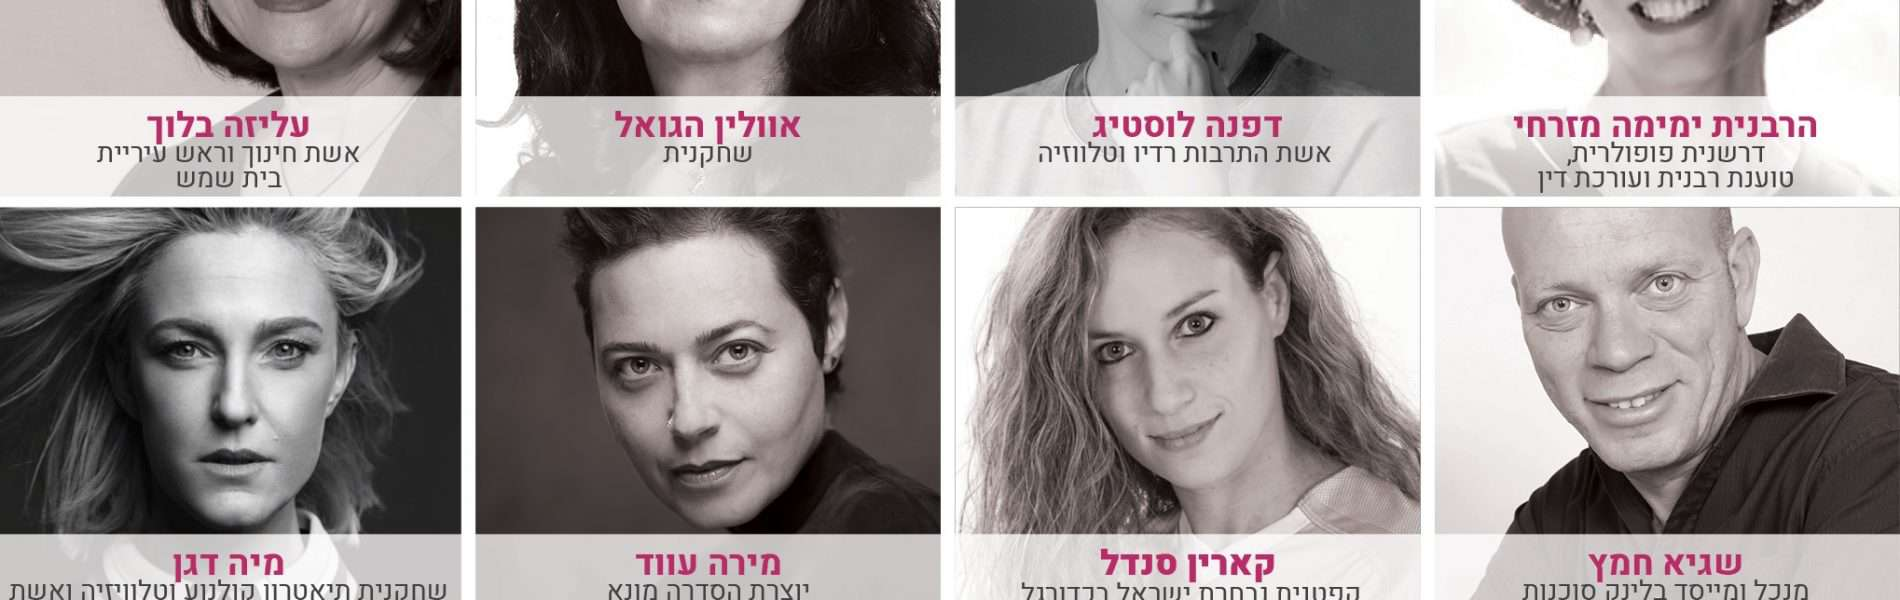 ועידת נשים ועסקים 2019 בירושלים